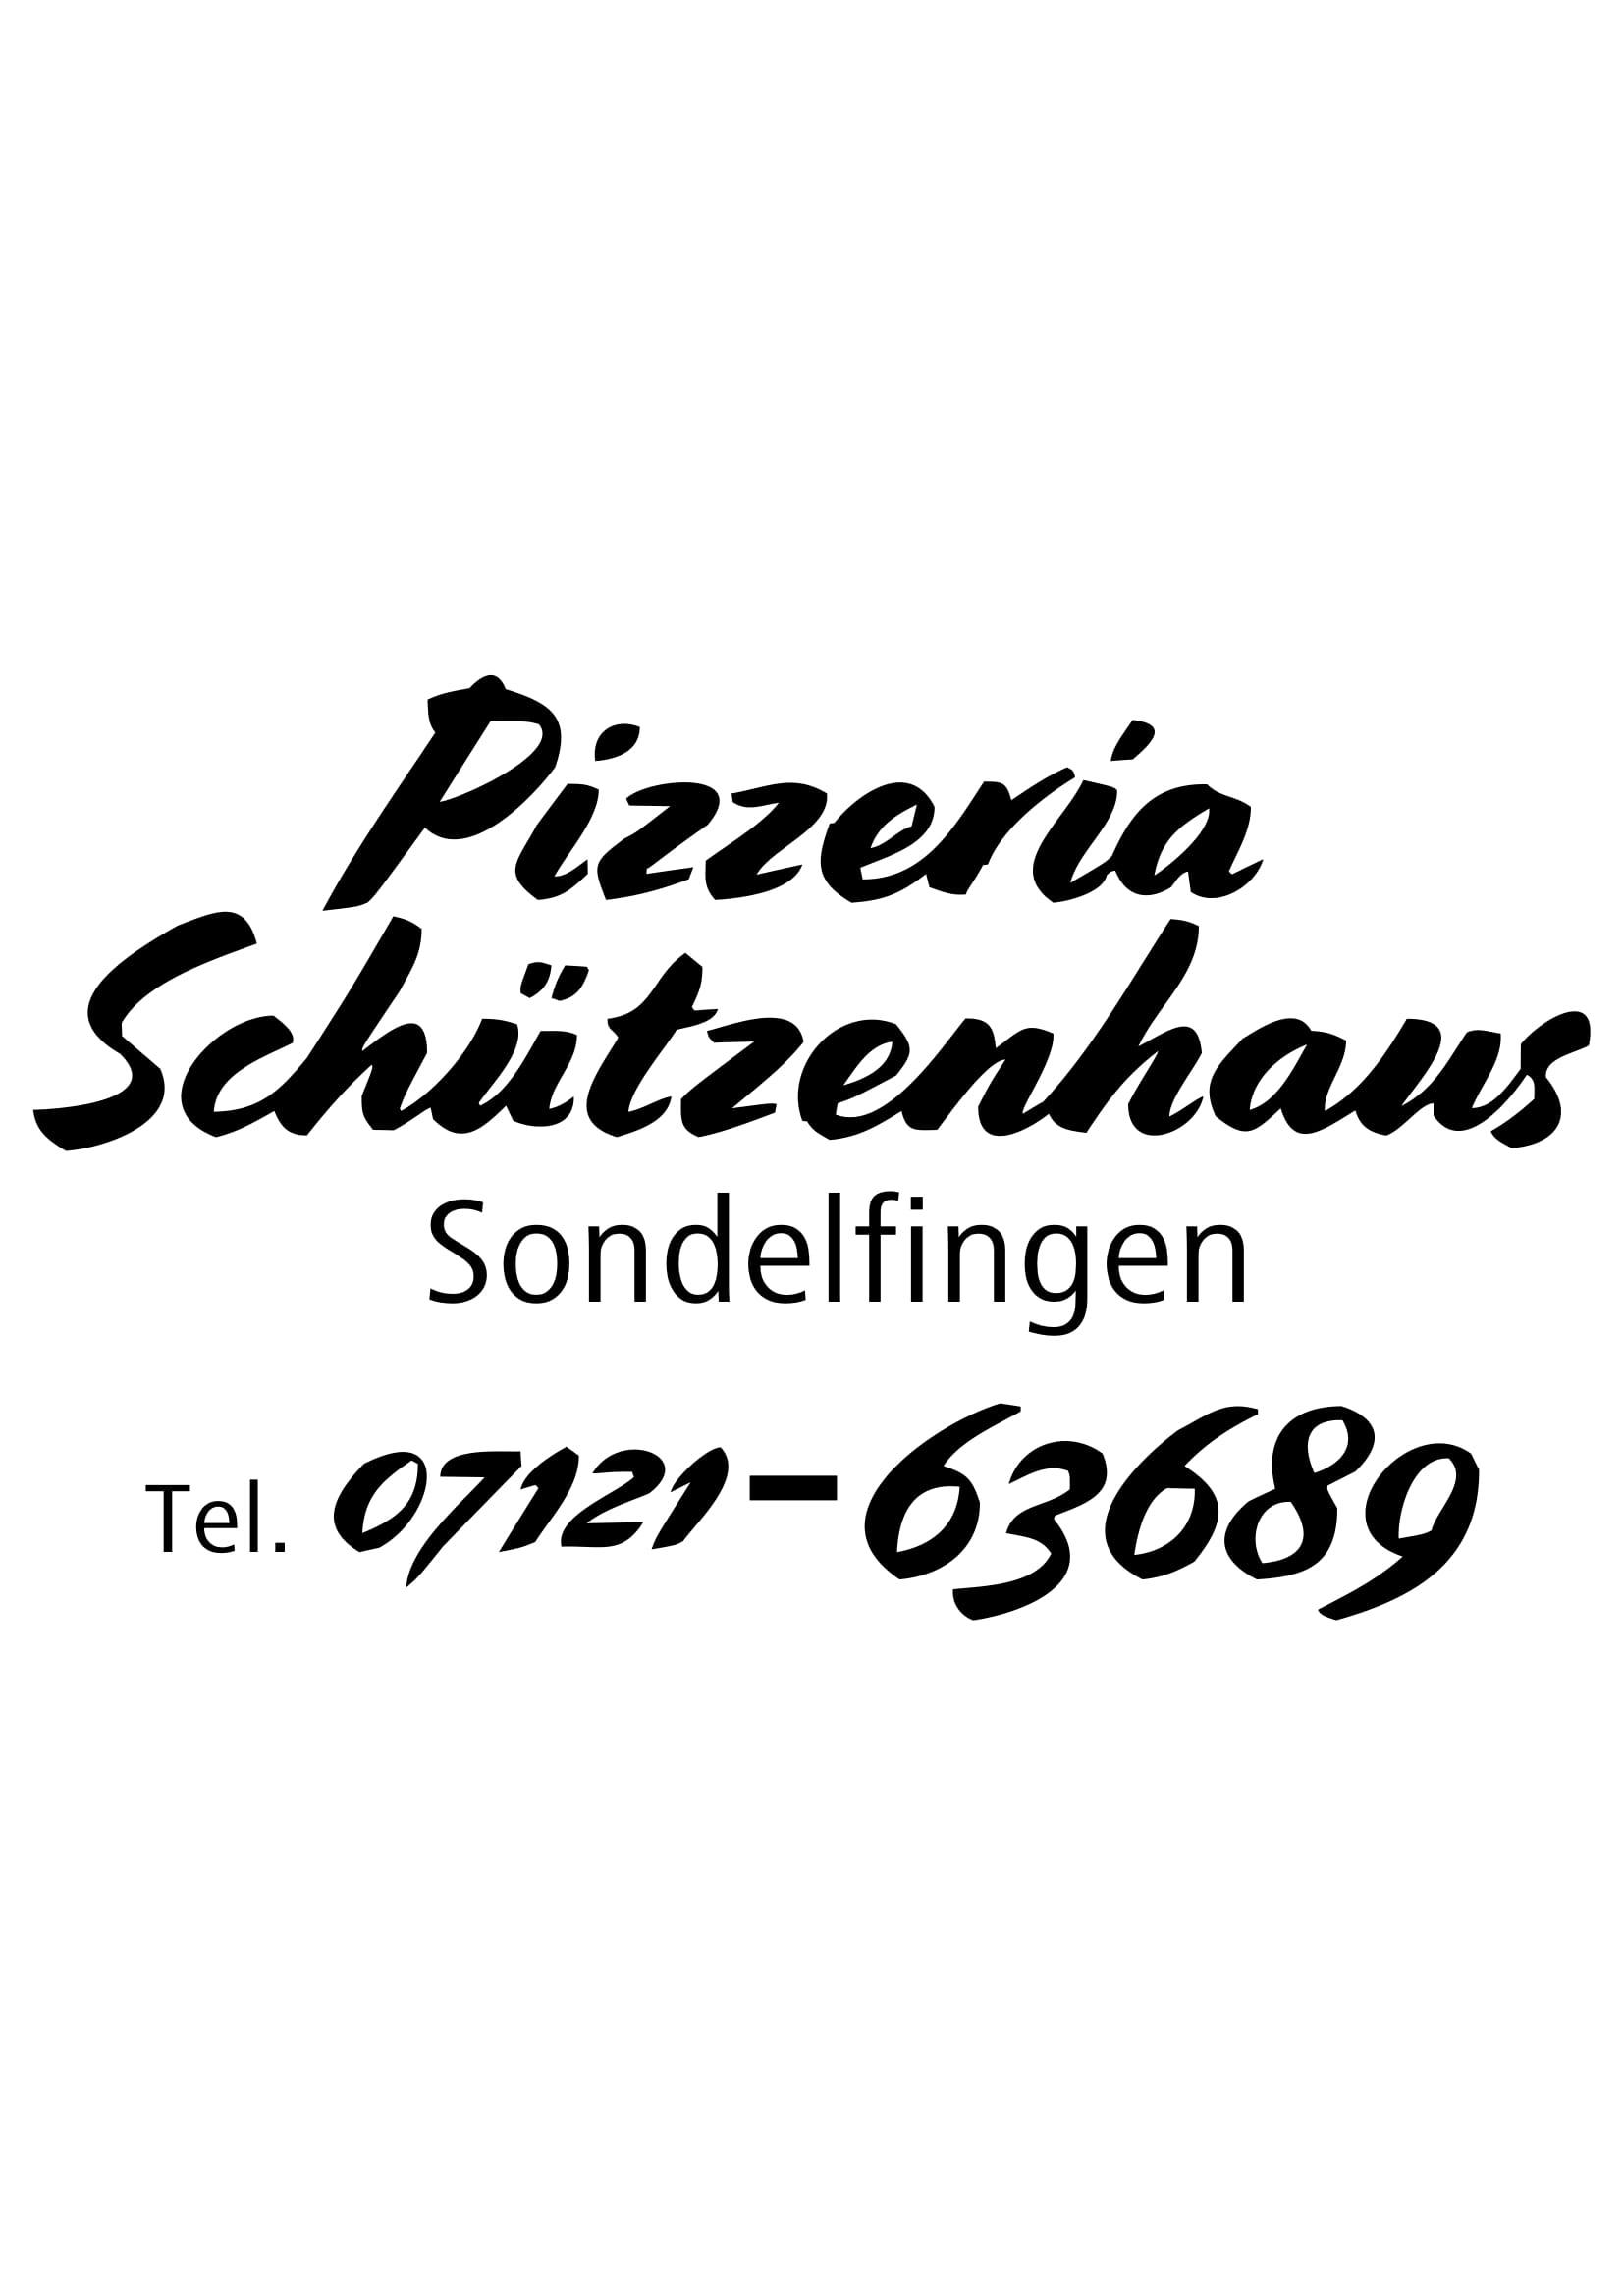 pizzera schützenhaus-1.jpg